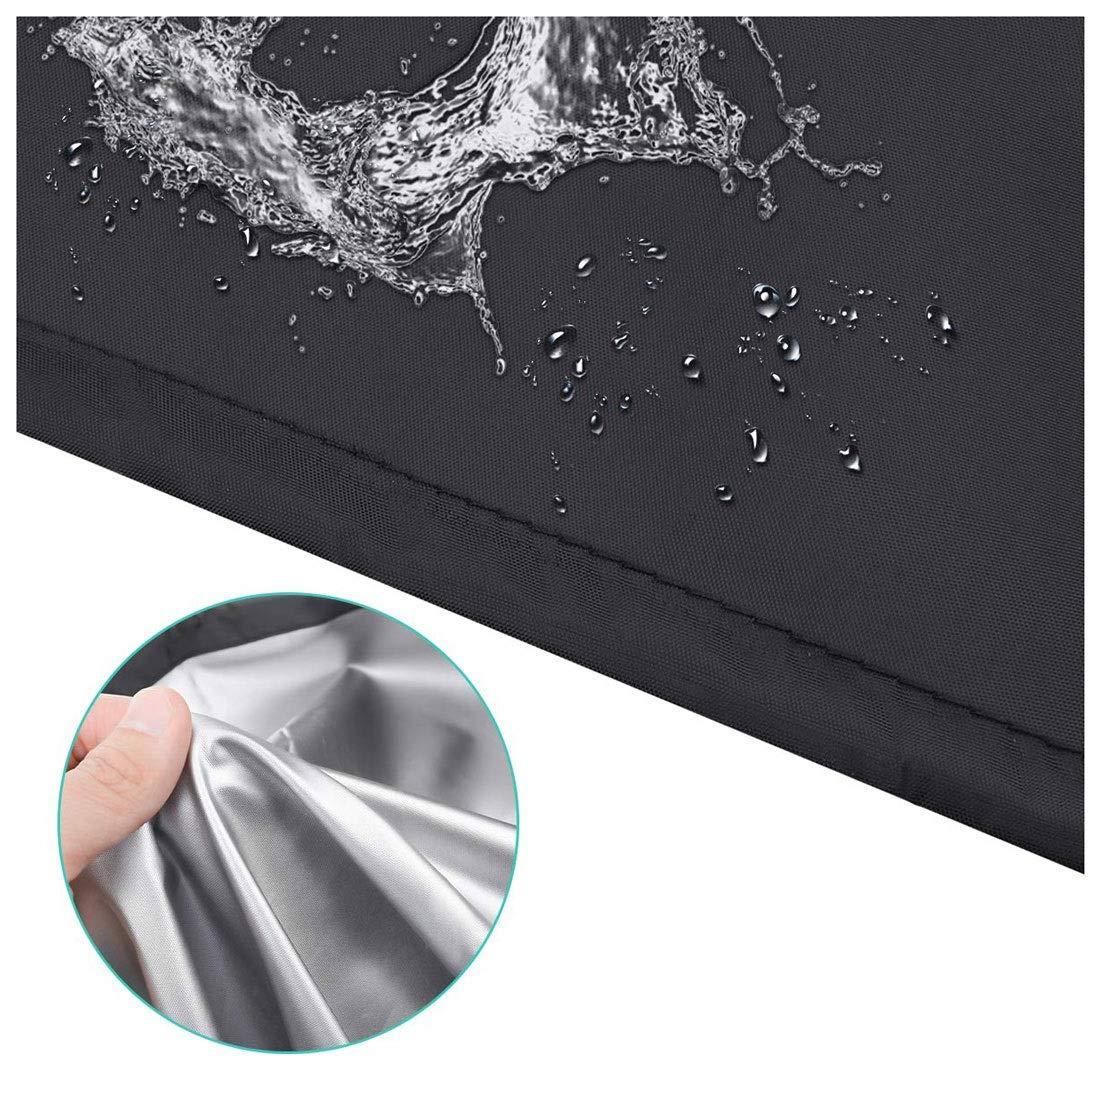 120x120x74cm Traspirante Impermeabile Colore Nero Rettangolare Resistente ai Raggi UV Ann-Garden Furniture Covers Copertura per mobili da Giardino in Tessuto Oxford